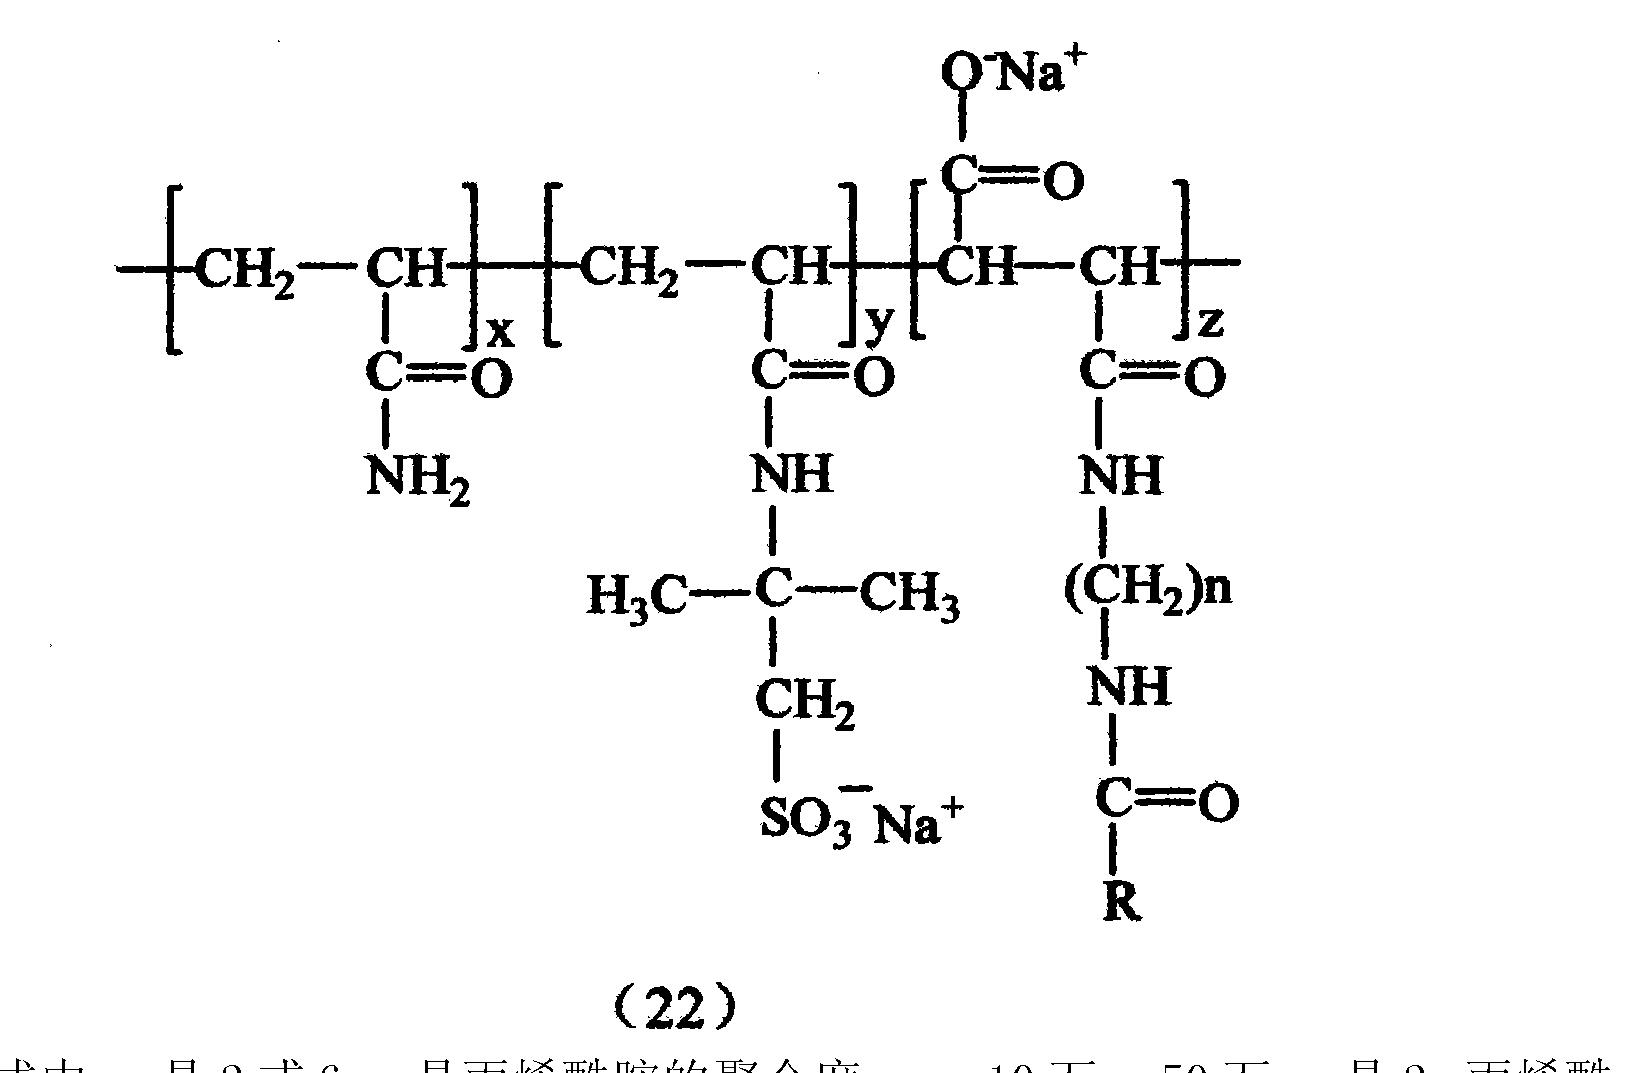 [0056] (22)式中:n是2或6 ;x是丙烯酰胺的聚合度,x = 10万〜50万;y是2_丙烯酰胺基-2-甲基丙磺酸的聚合度,y = 5万〜15万;z是自由基聚合功能性单体B的聚合度,z = I万〜5万;R是C11〜C24的饱和直链烷烃或C11〜C24的不饱和直链烷烃。 [0057] 将本发明的驱油用长支链聚合物与表面活性剂复配,组成二元复合驱油剂,以提高驱油剂的耐温抗盐性能。 [0058] 本发明的二元复合驱油剂的产品技术方案